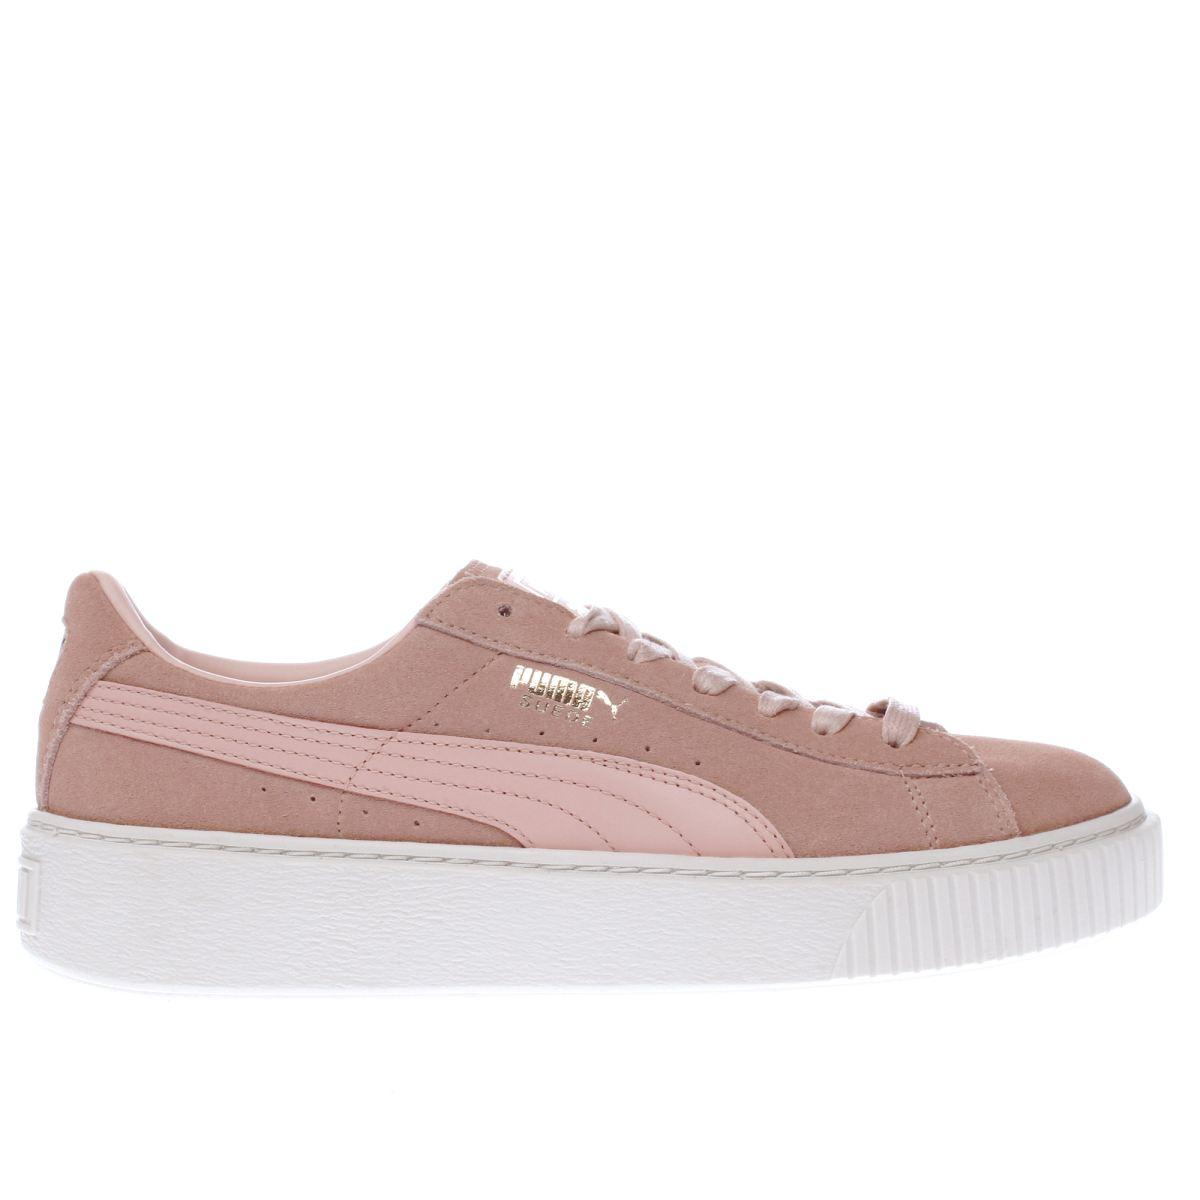 puma pale pink suede platform trainers